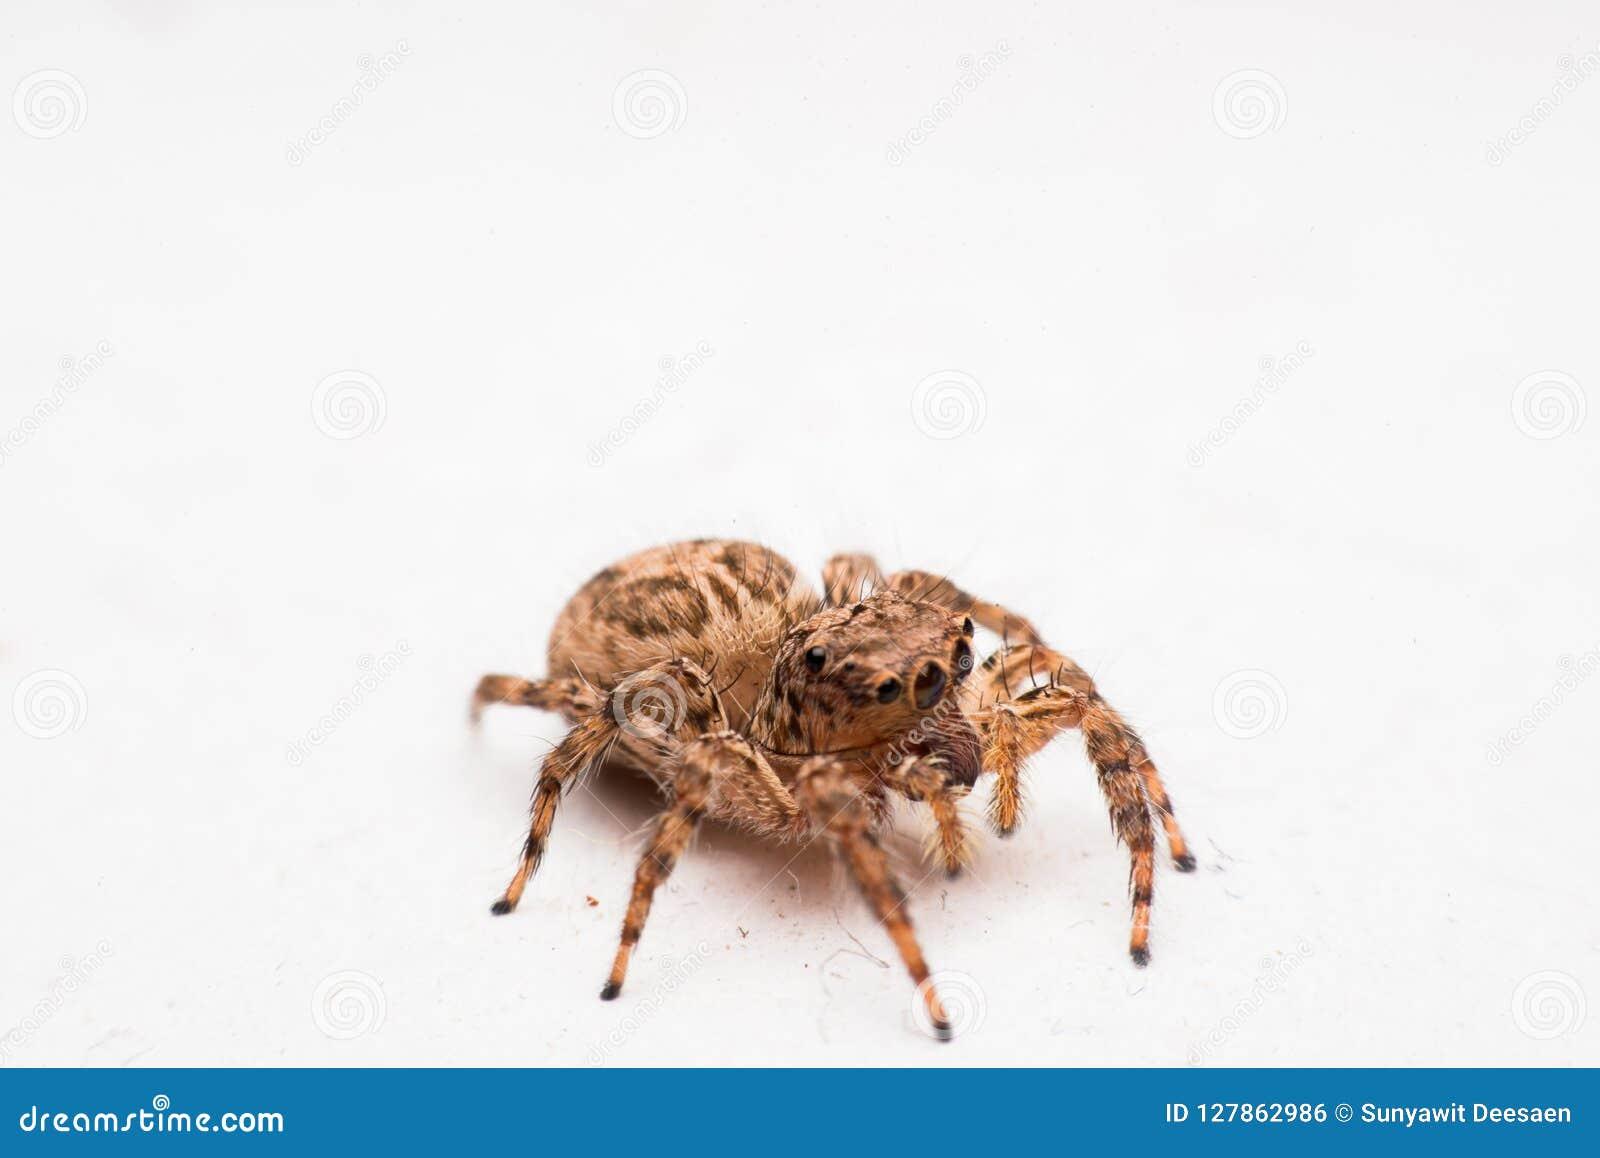 Spinne, springende Spinne auf Wand